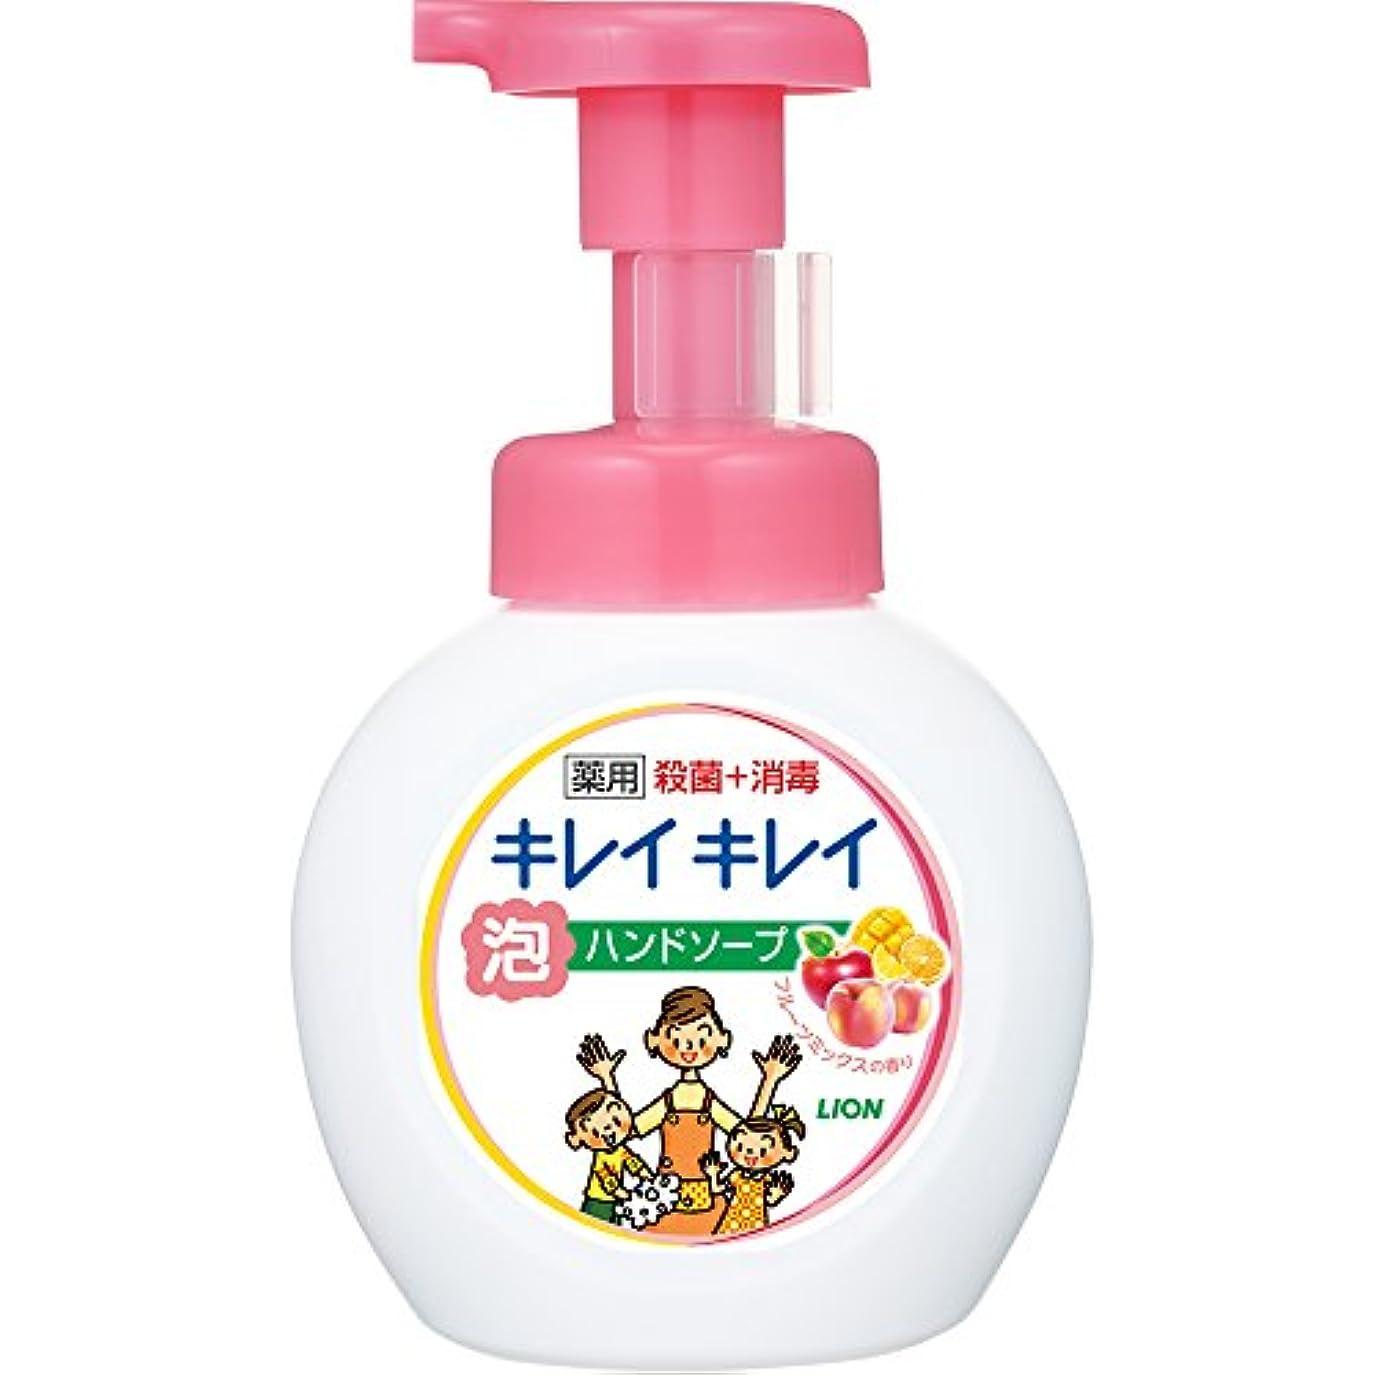 広告する効率秋キレイキレイ 薬用 泡ハンドソープ フルーツミックスの香り ポンプ 250ml(医薬部外品)